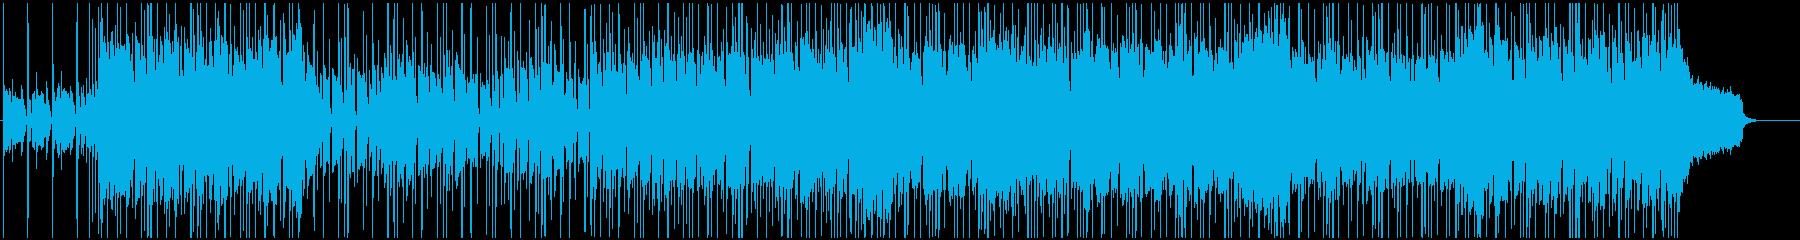 夏ぽい80年代シティポップ風フュージョンの再生済みの波形